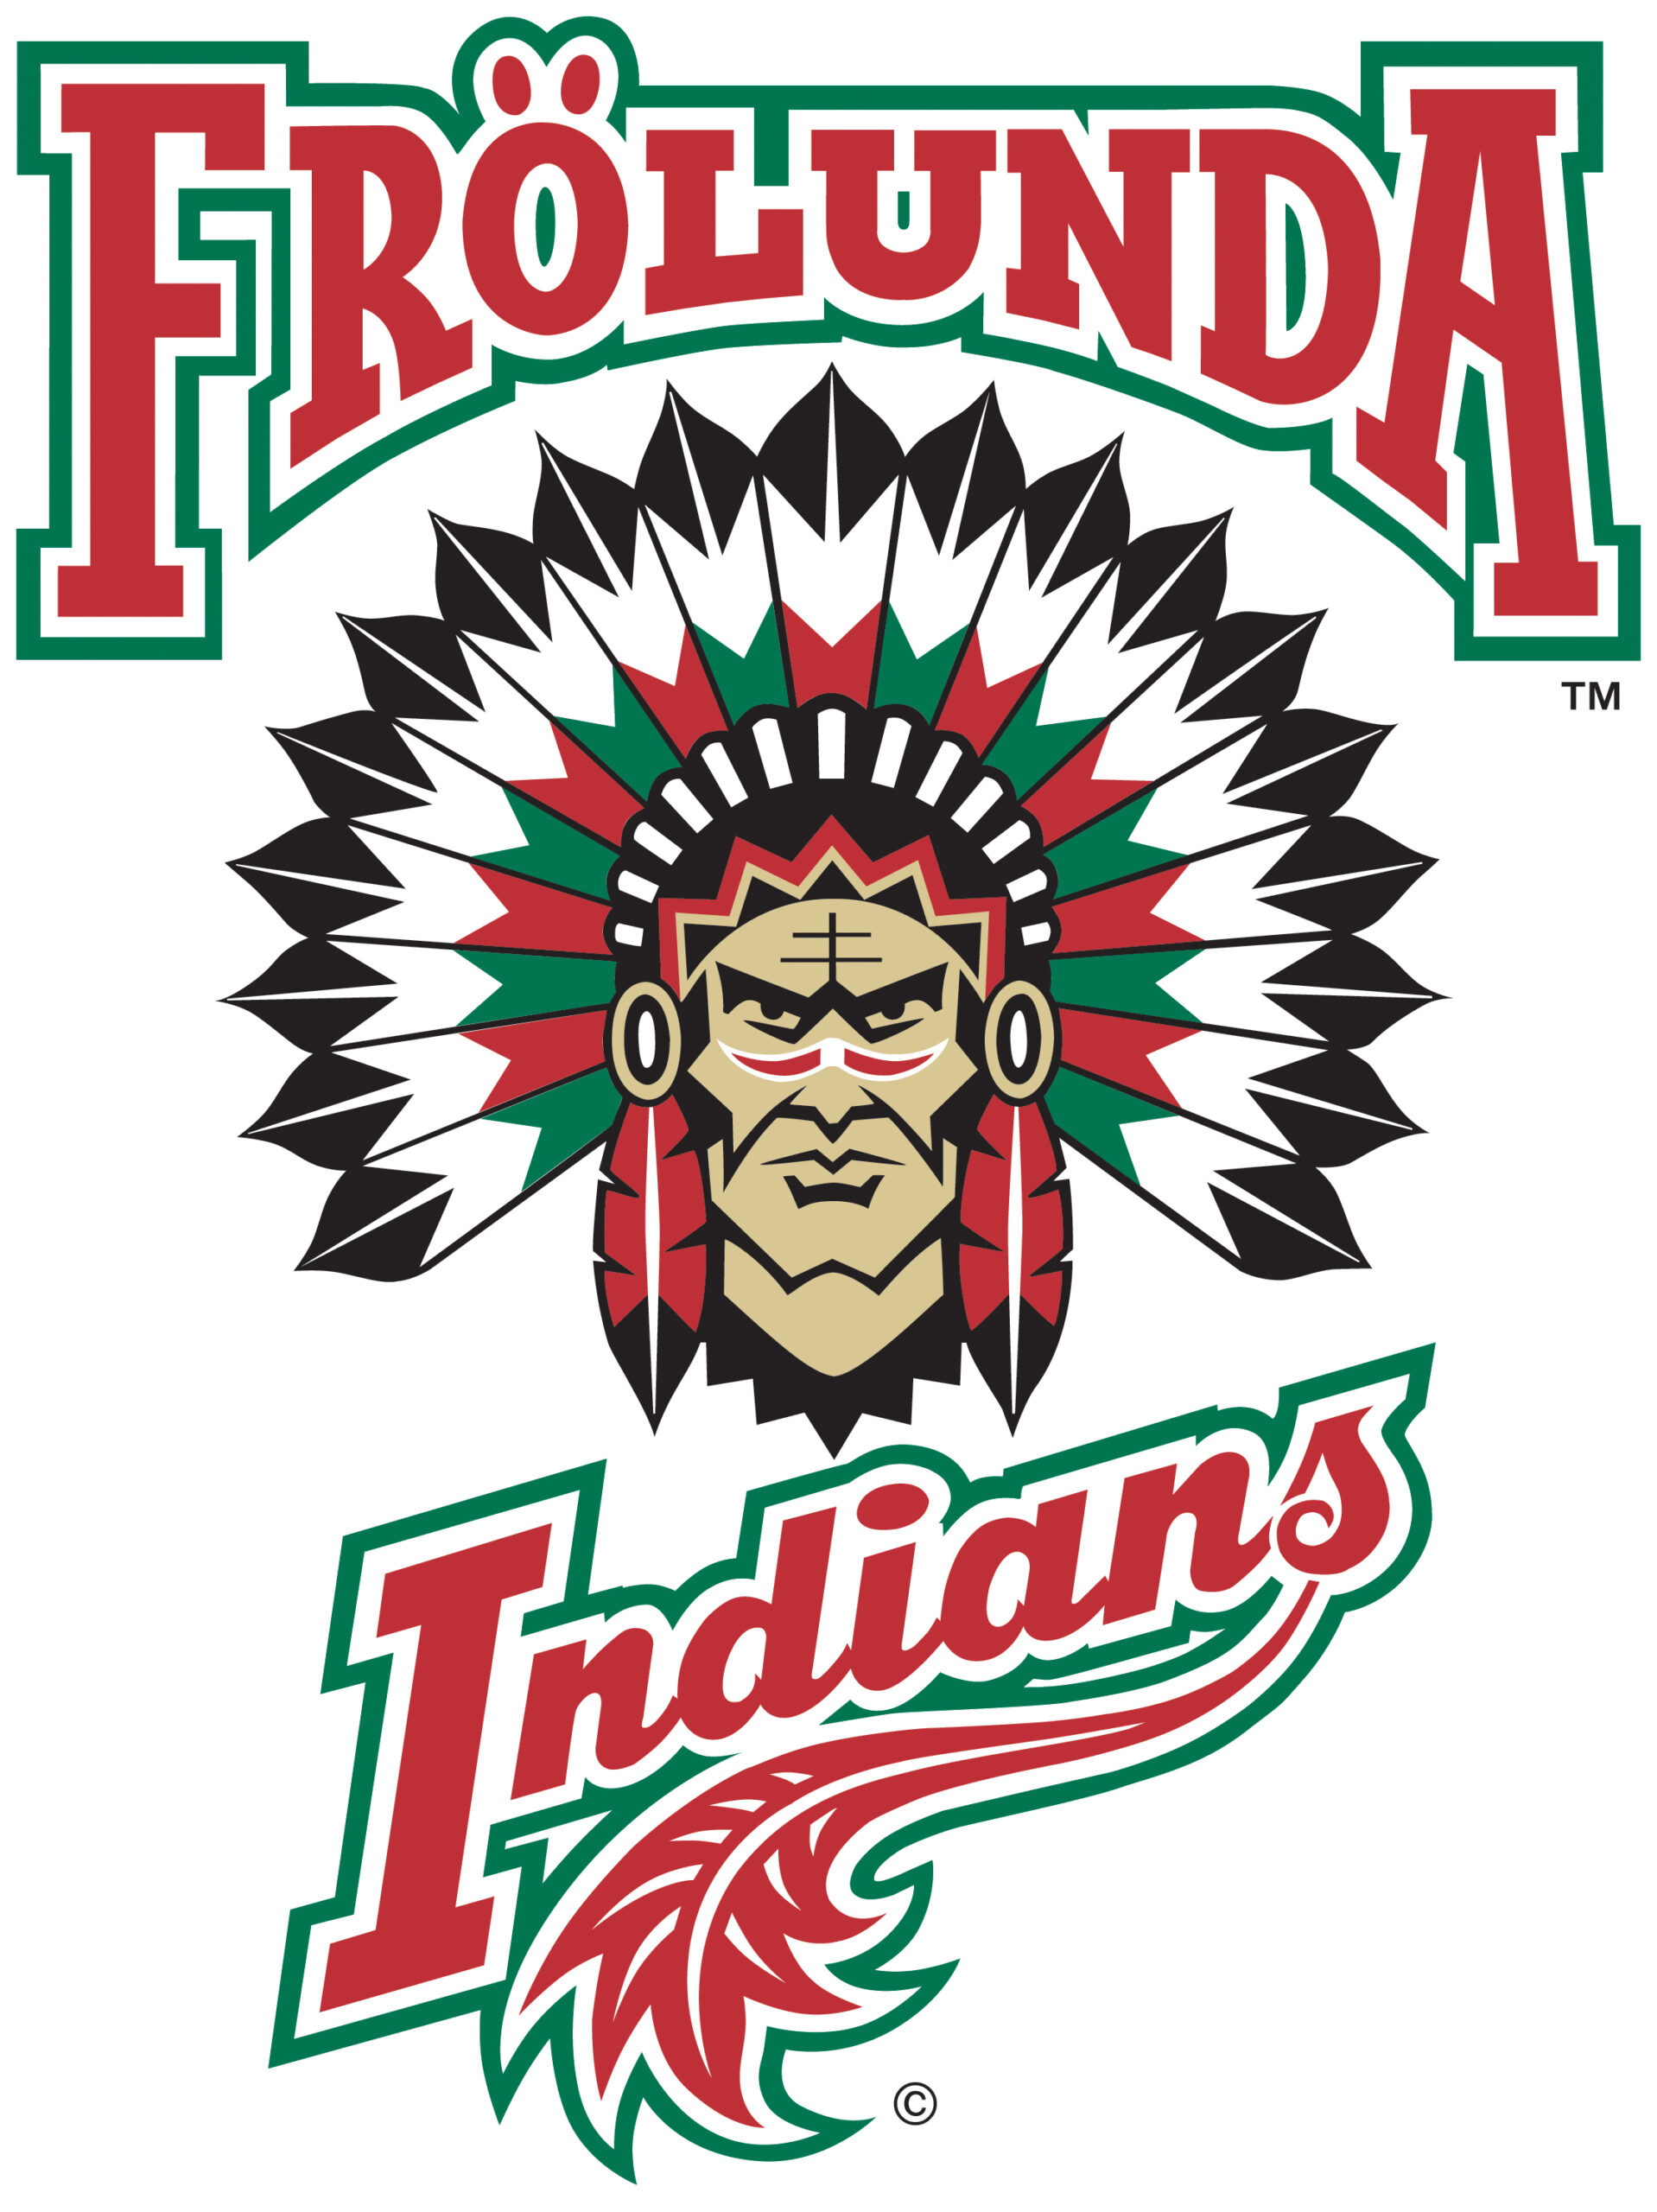 frolunda-indians-logo